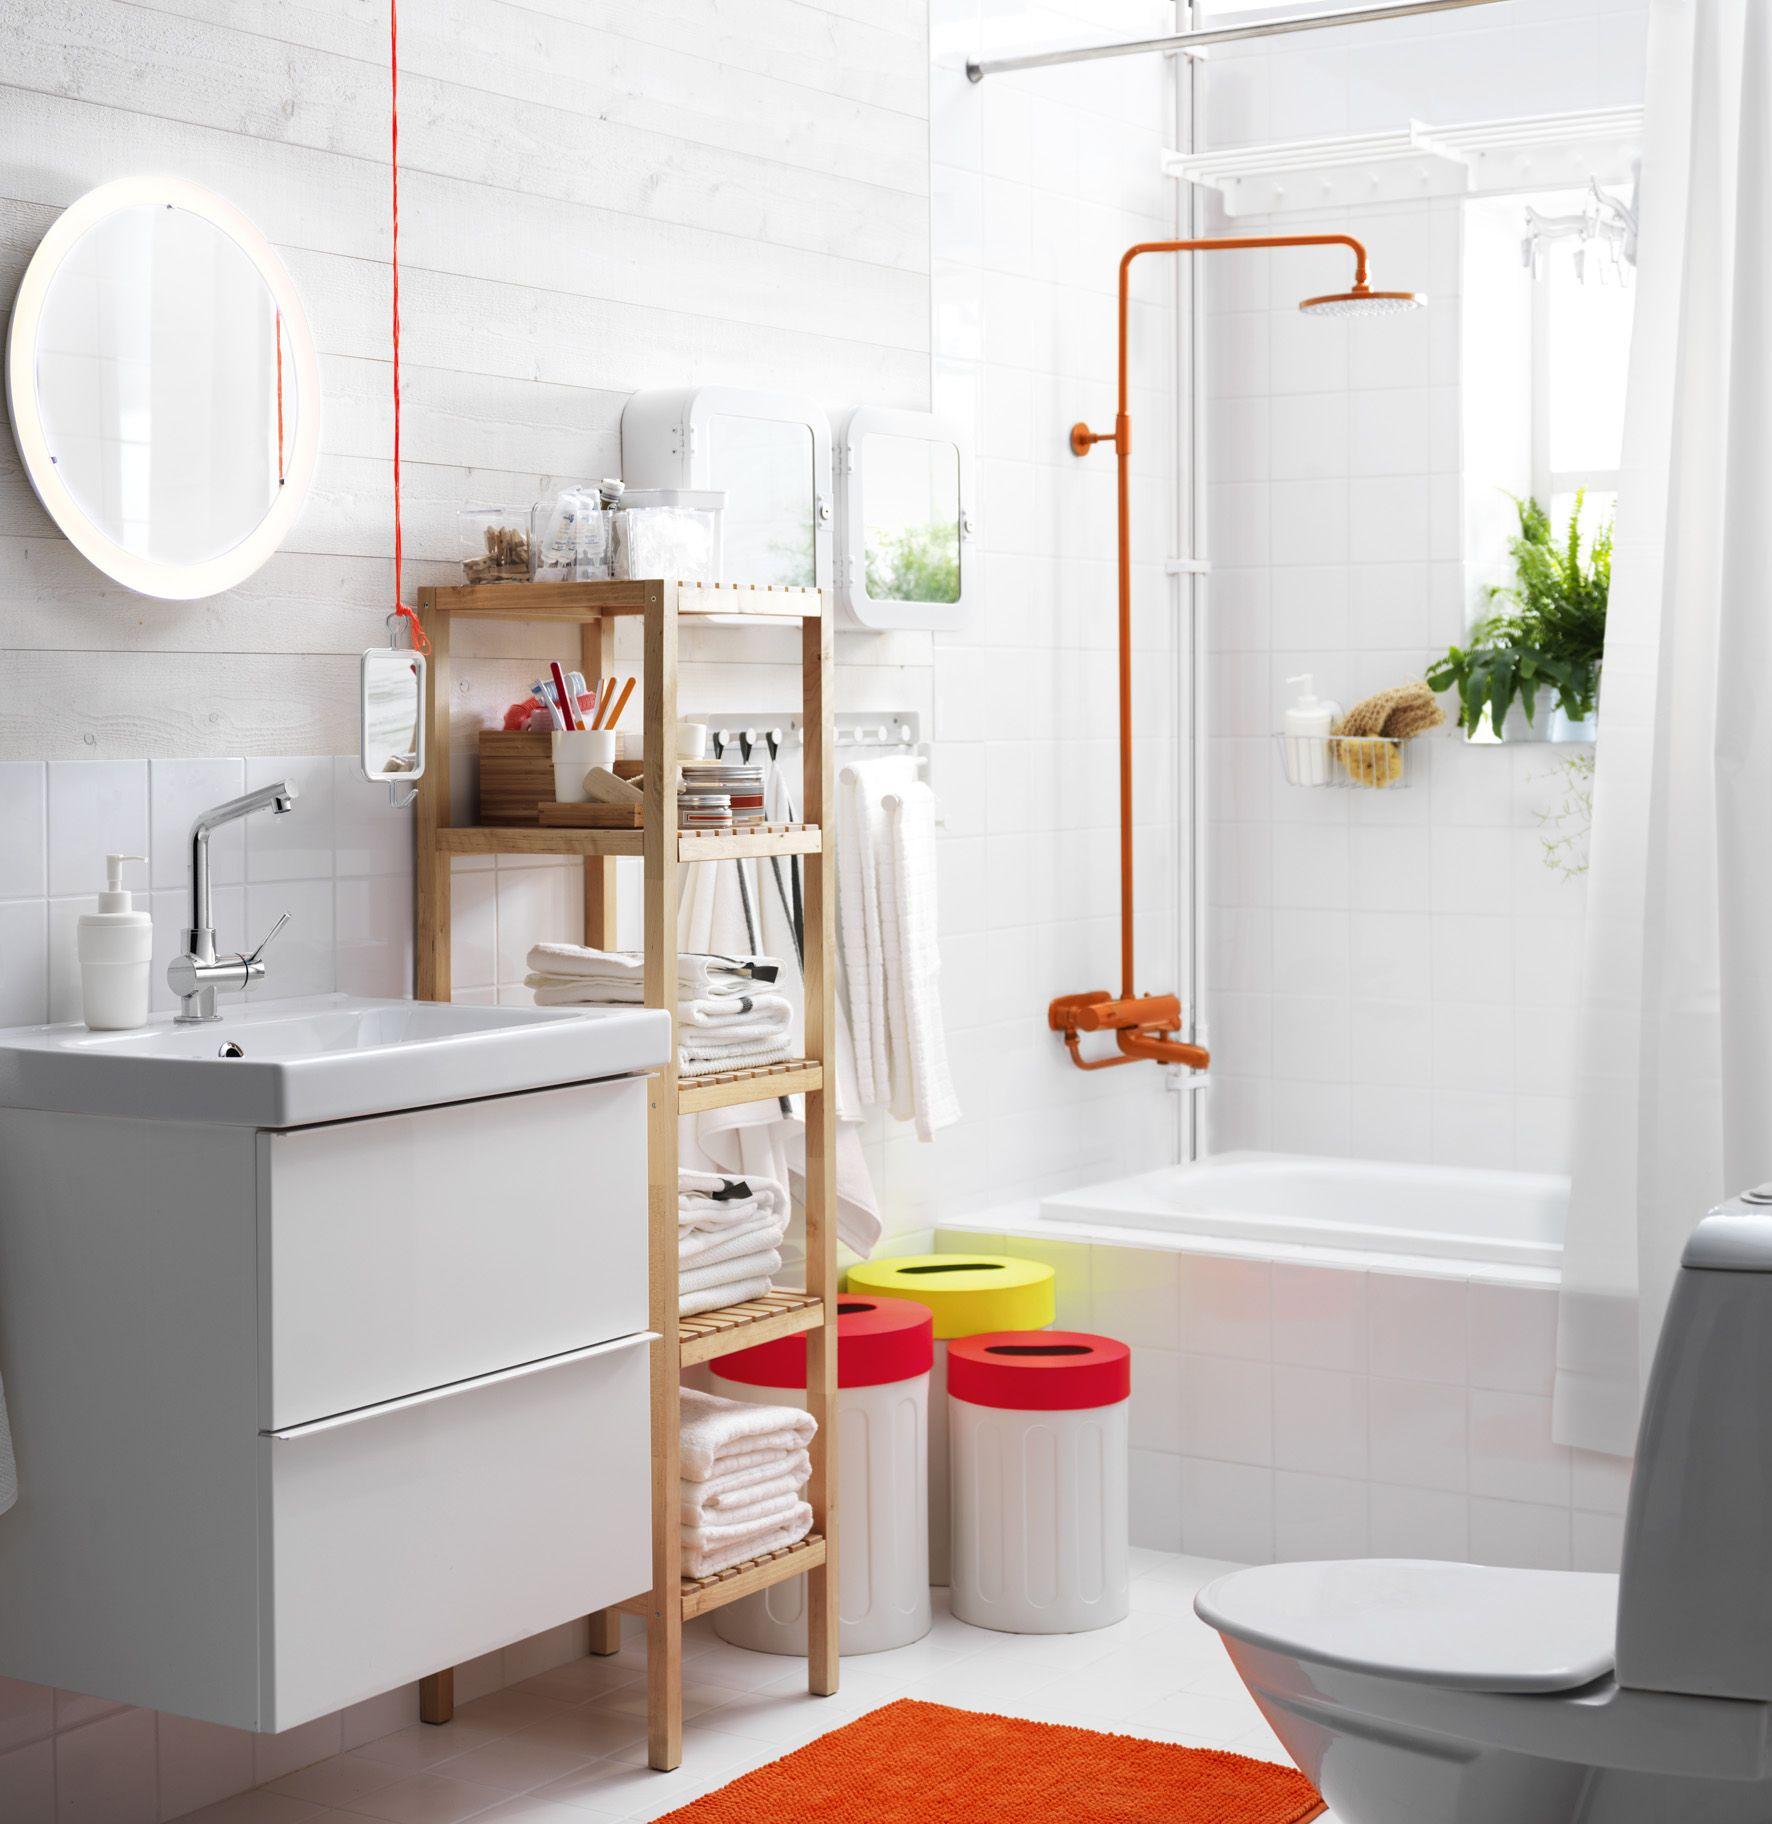 Wonderful Ikea Badkamer Met Wit Badkamermeubel